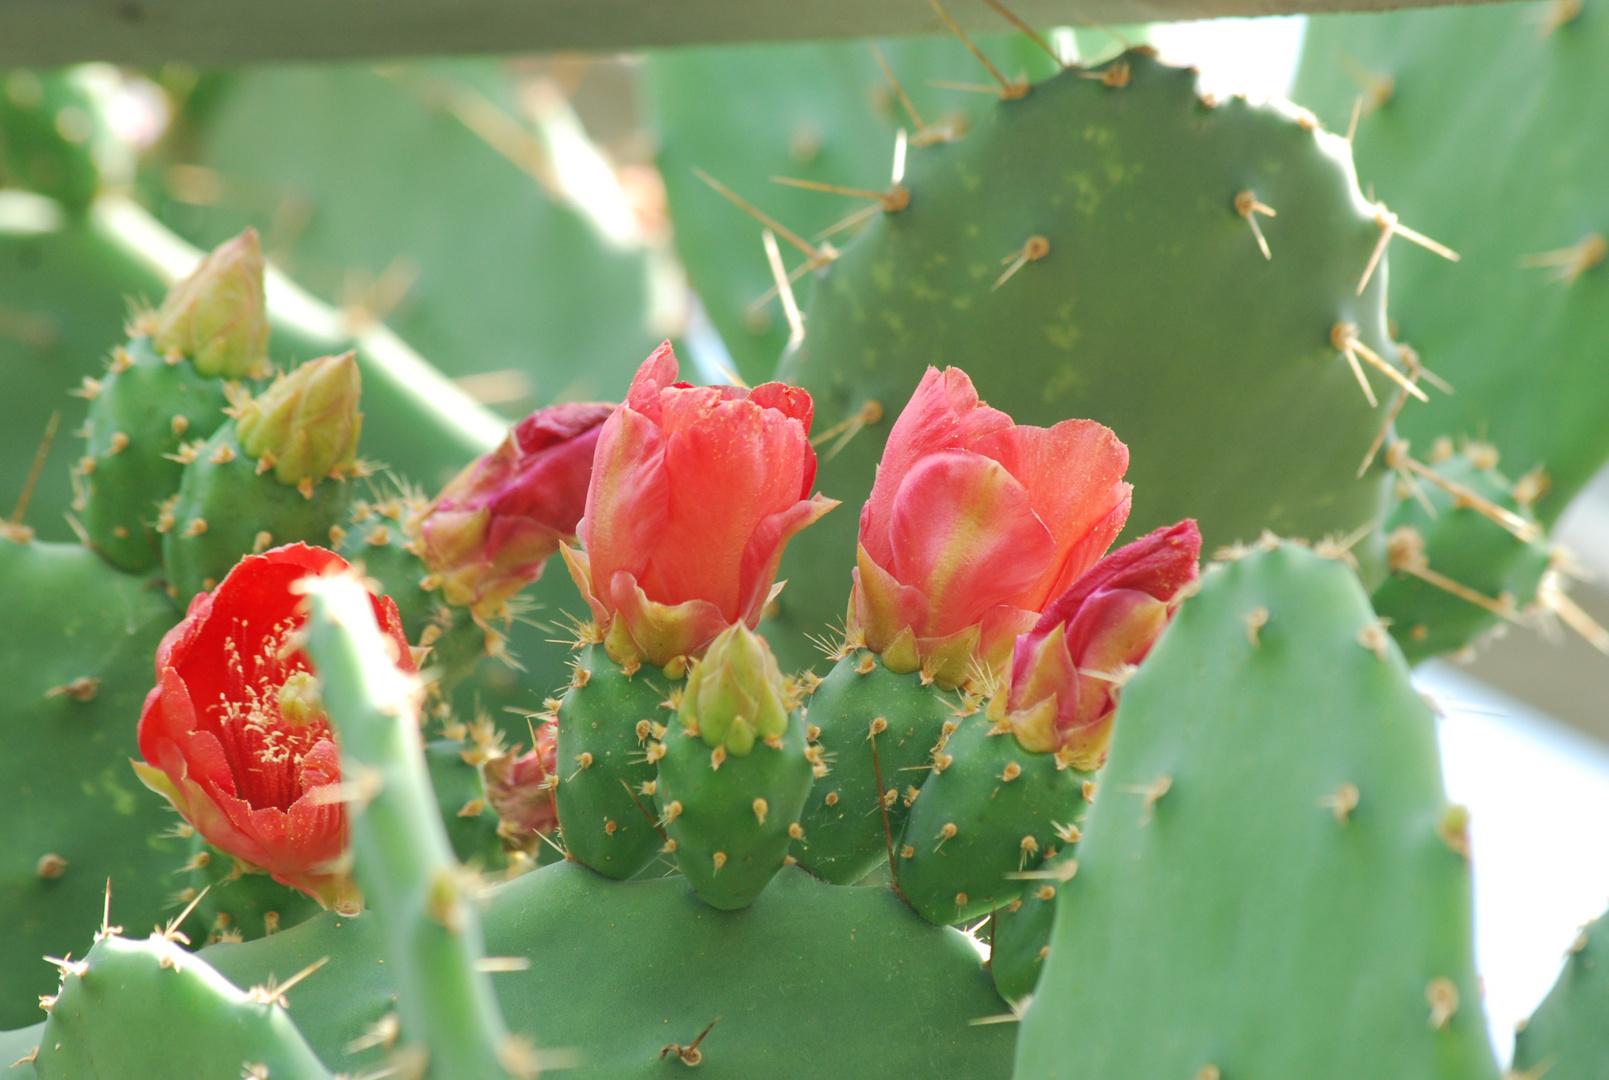 Kaktusfeige blühend